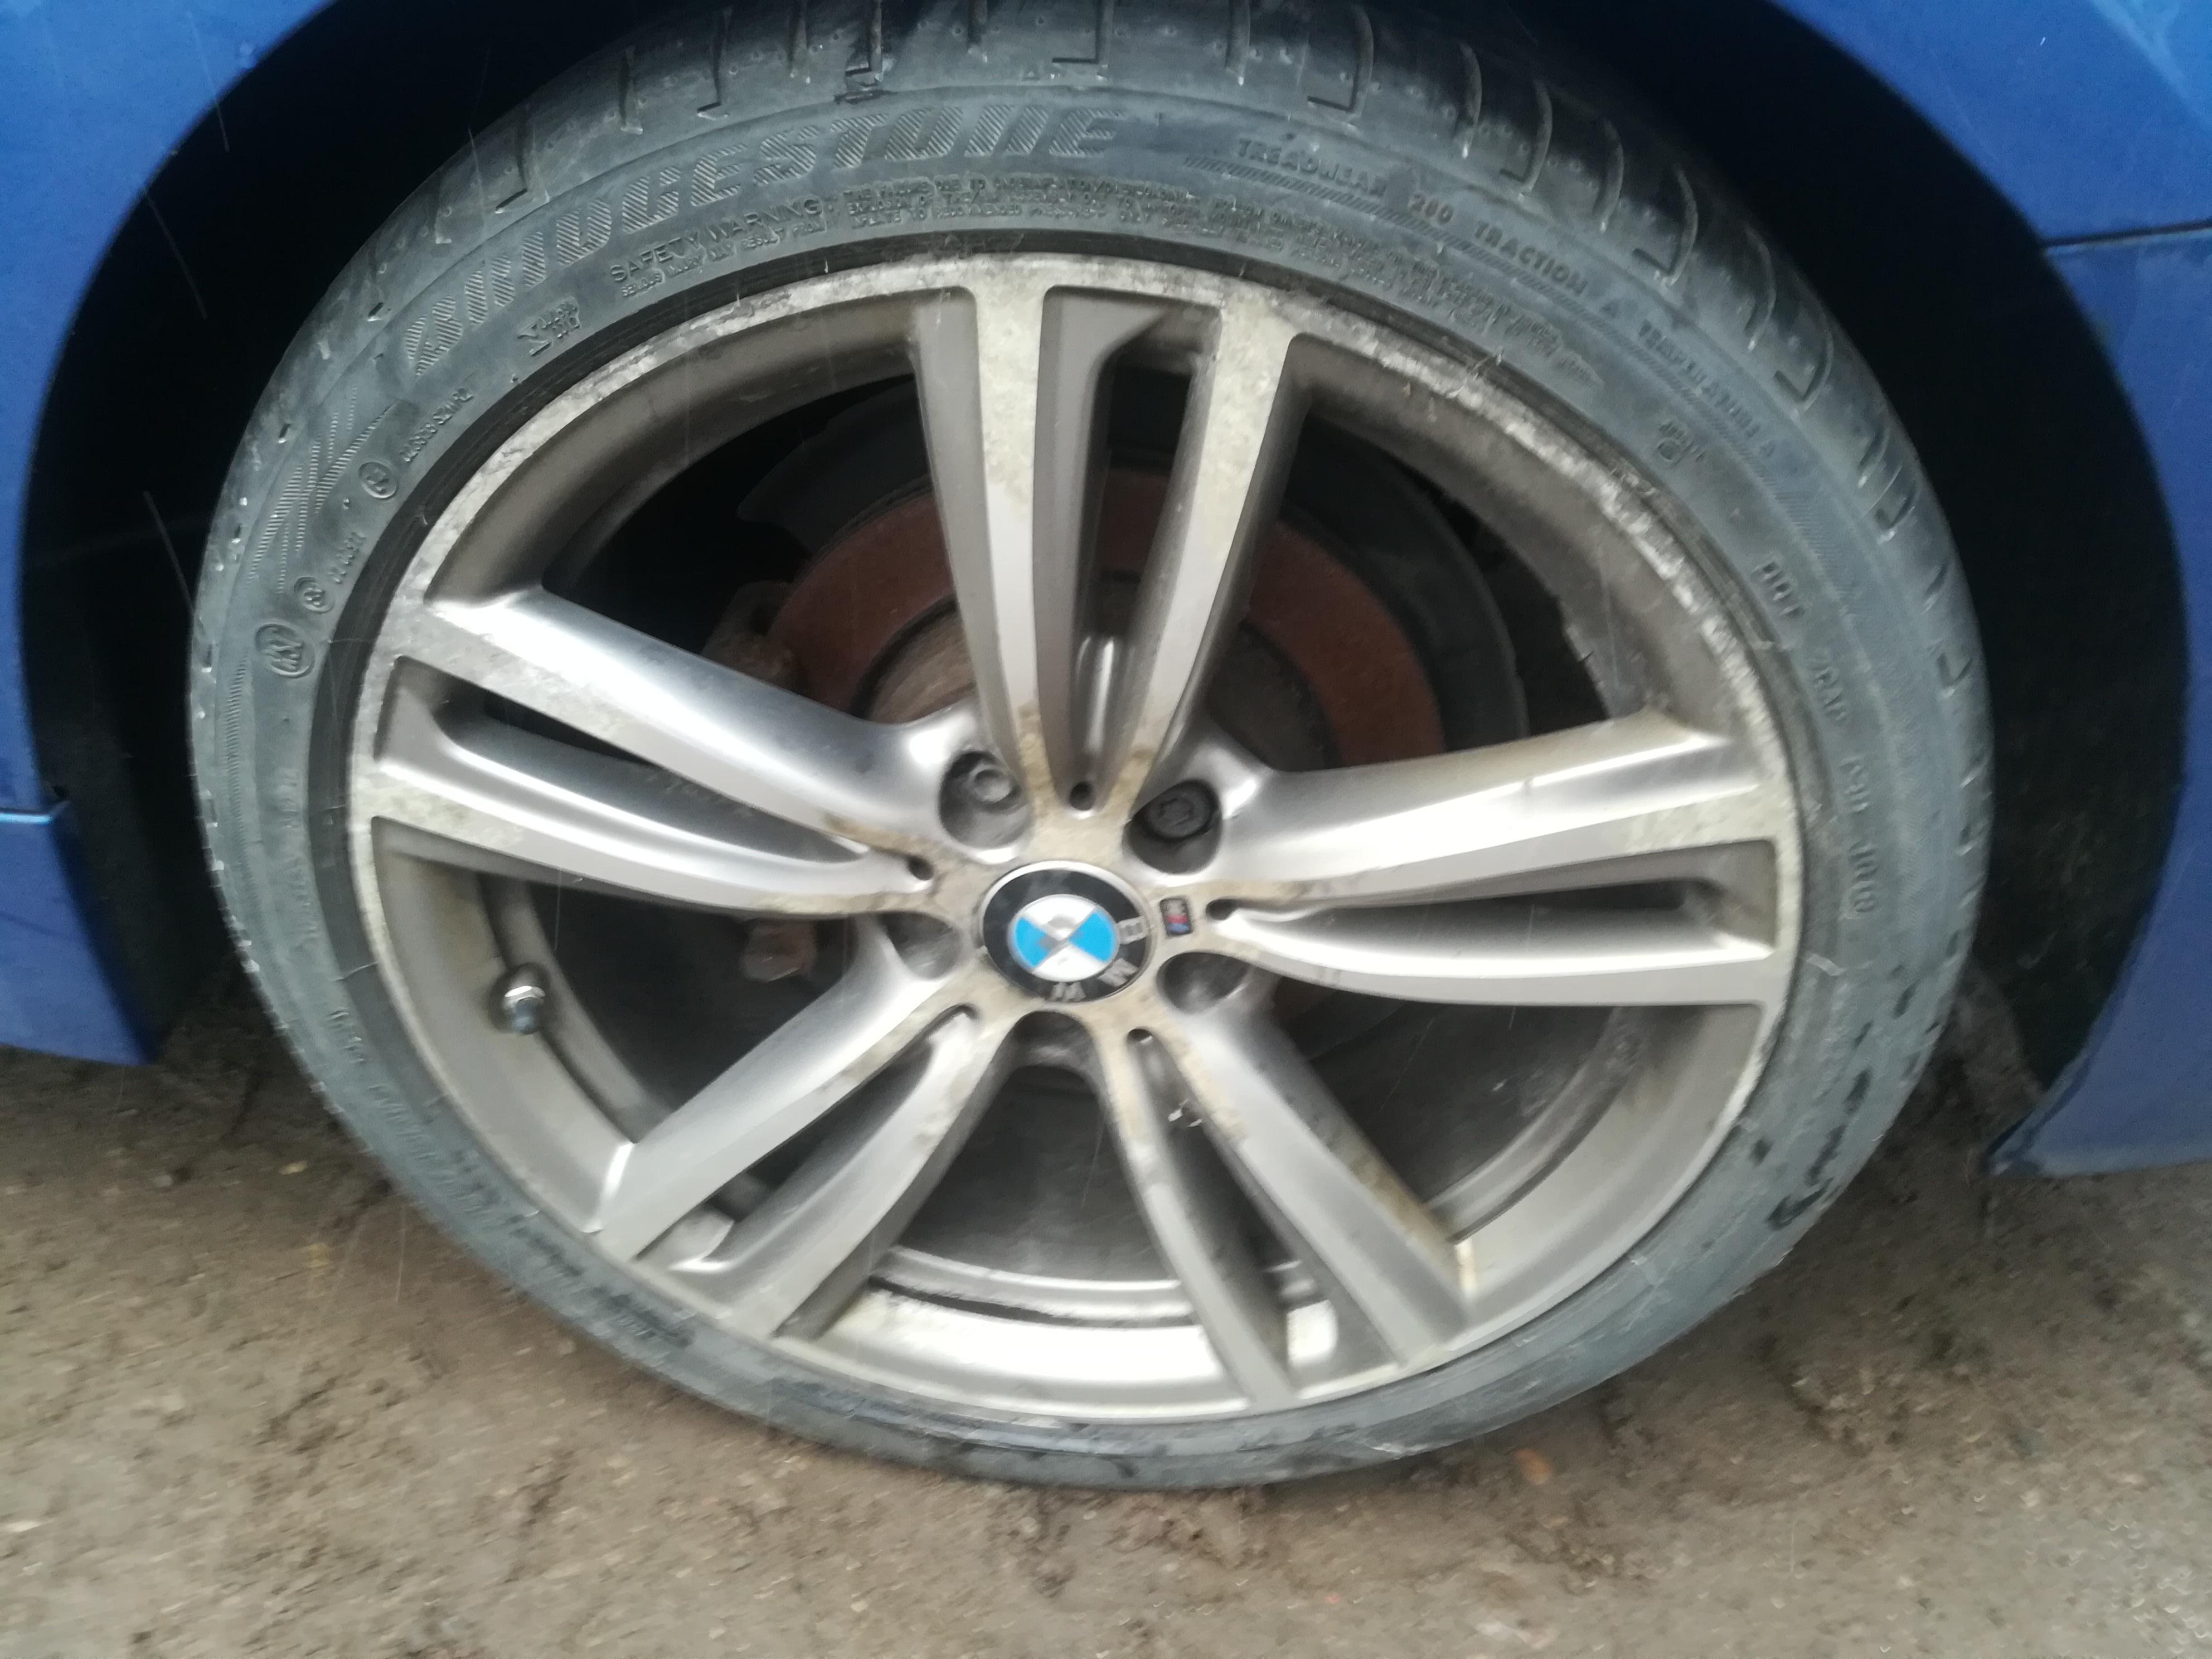 Подержанные Автозапчасти BMW 4-SERIES 2016 2 машиностроение хэтчбэк 4/5 d. синий 2019-12-12